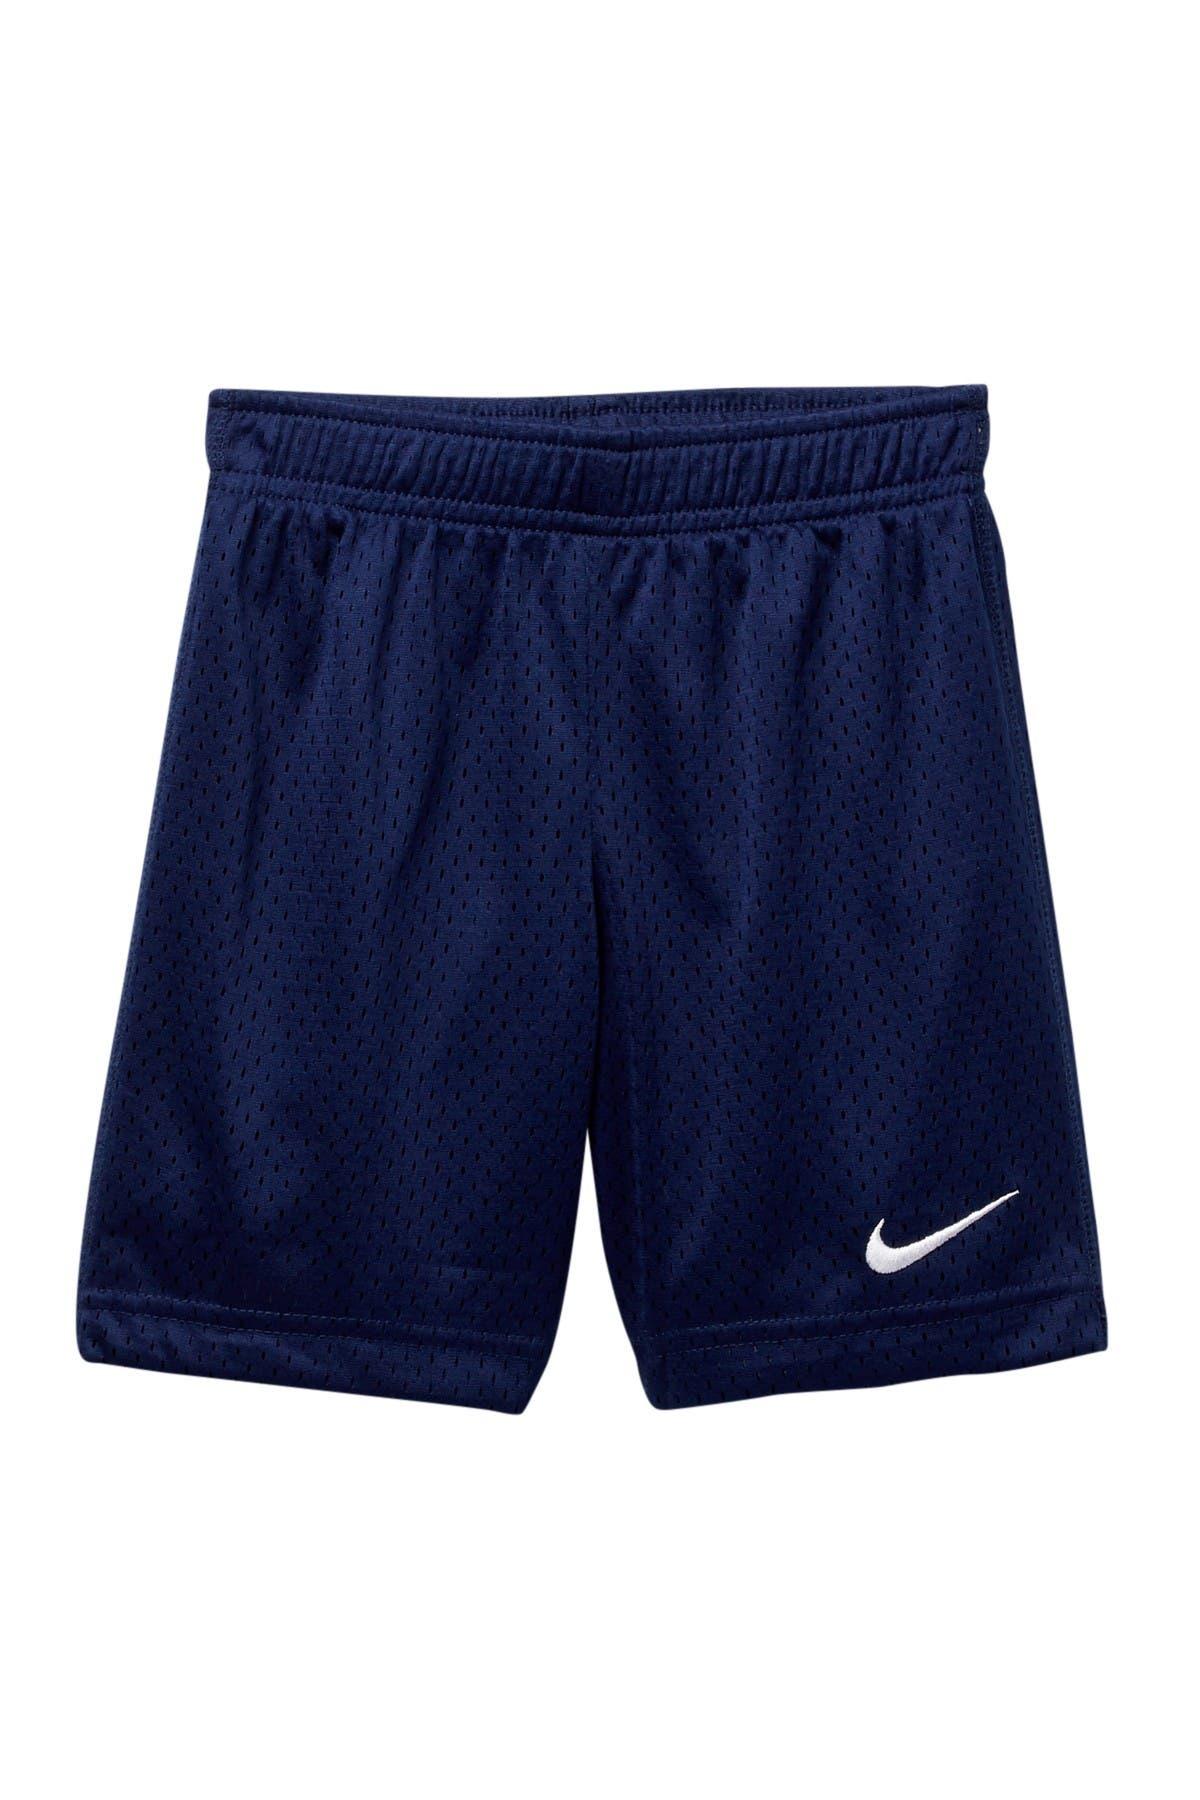 Image of Nike Mesh Shorts